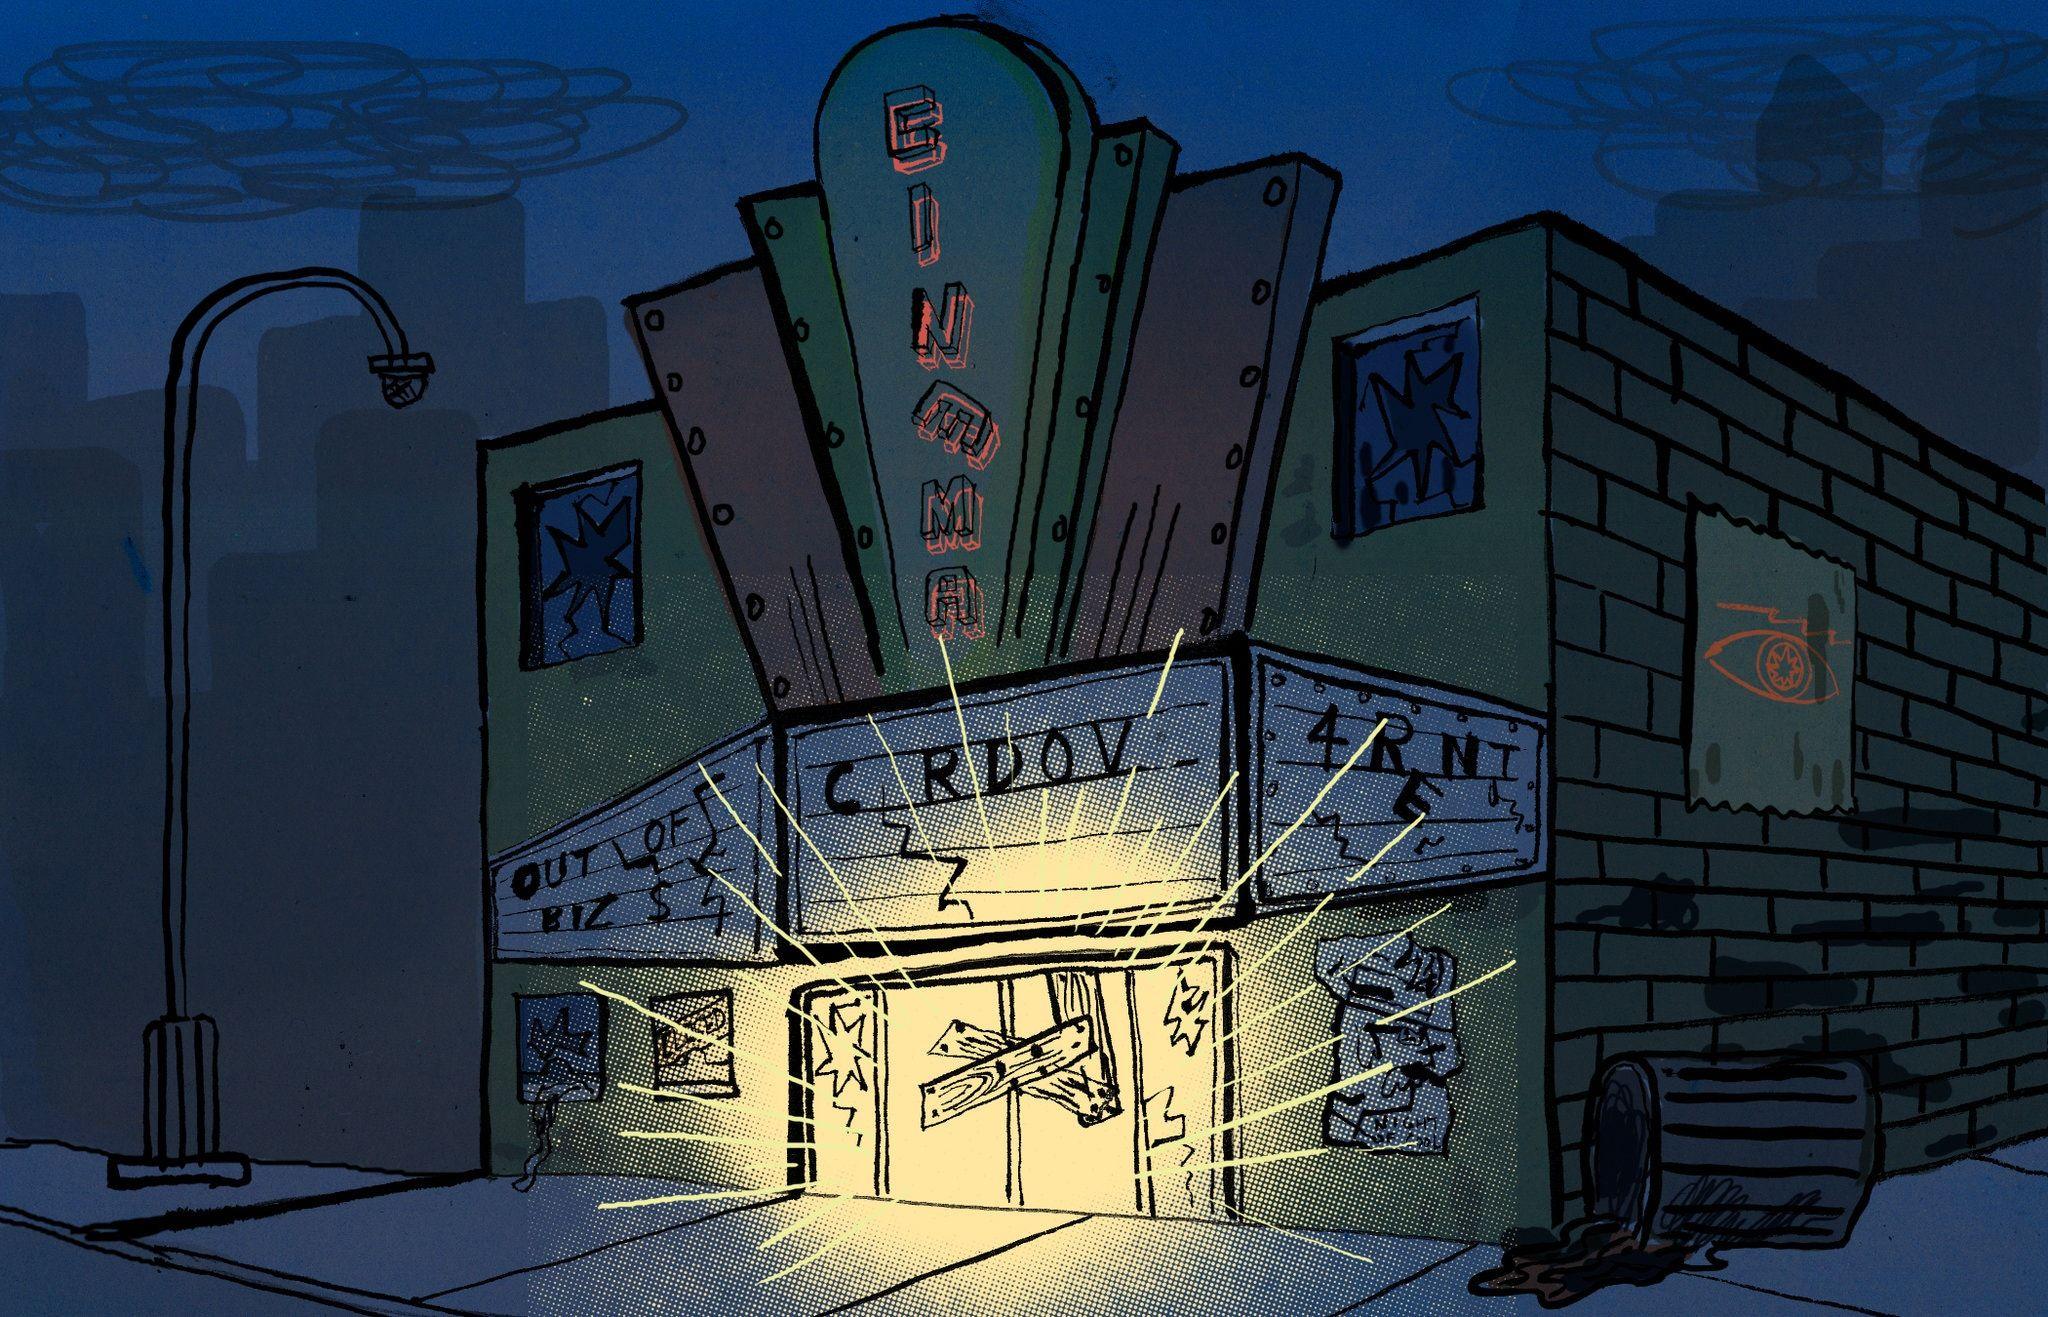 Иллюстрация к книге «Ночное кино» / Ted McGrath nytimes.com